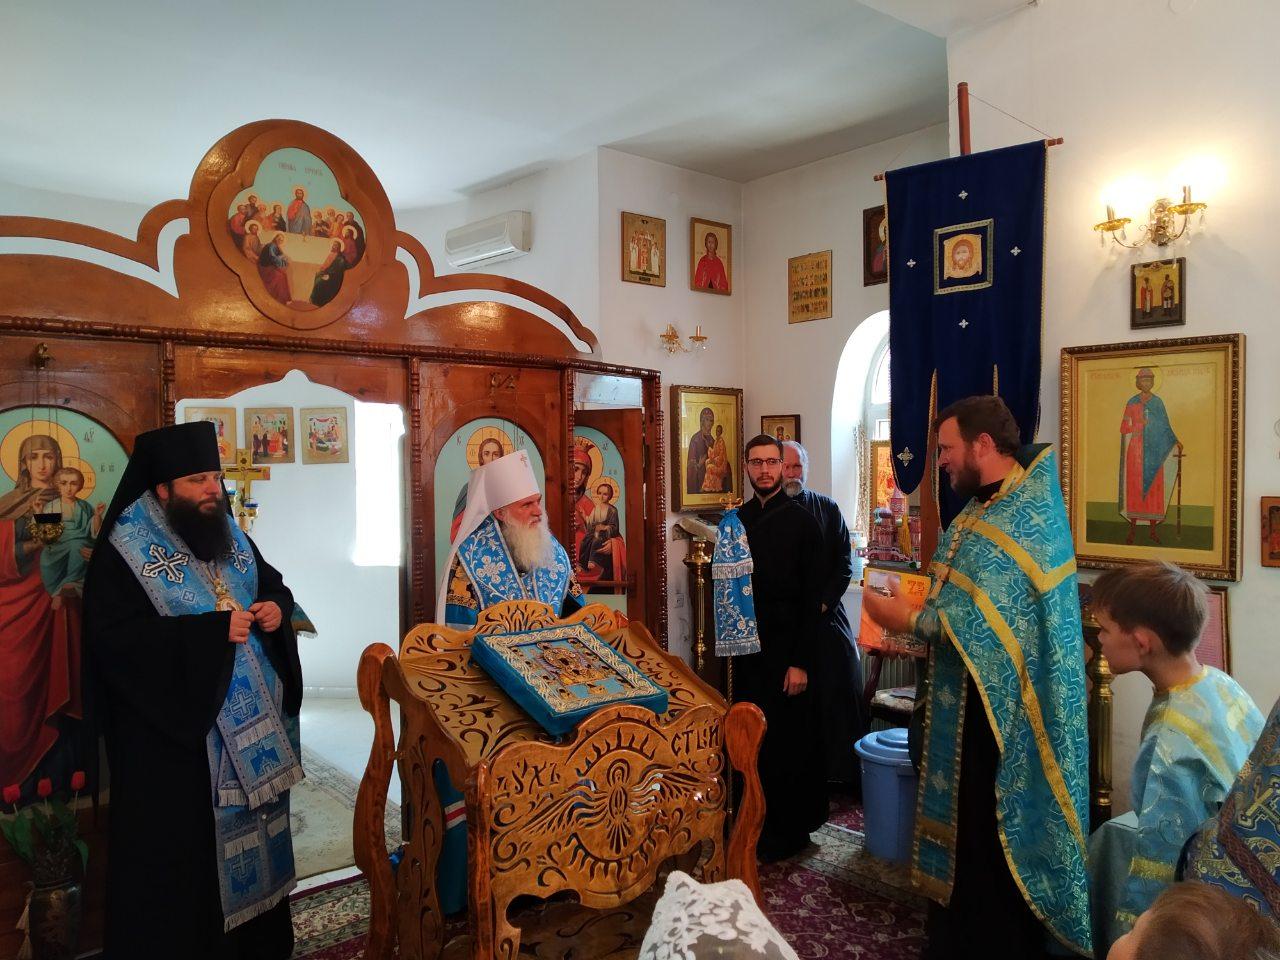 В 201-ю Российскую военную базу доставлена икона Божией Матери Курско-Коренная «Знамение»